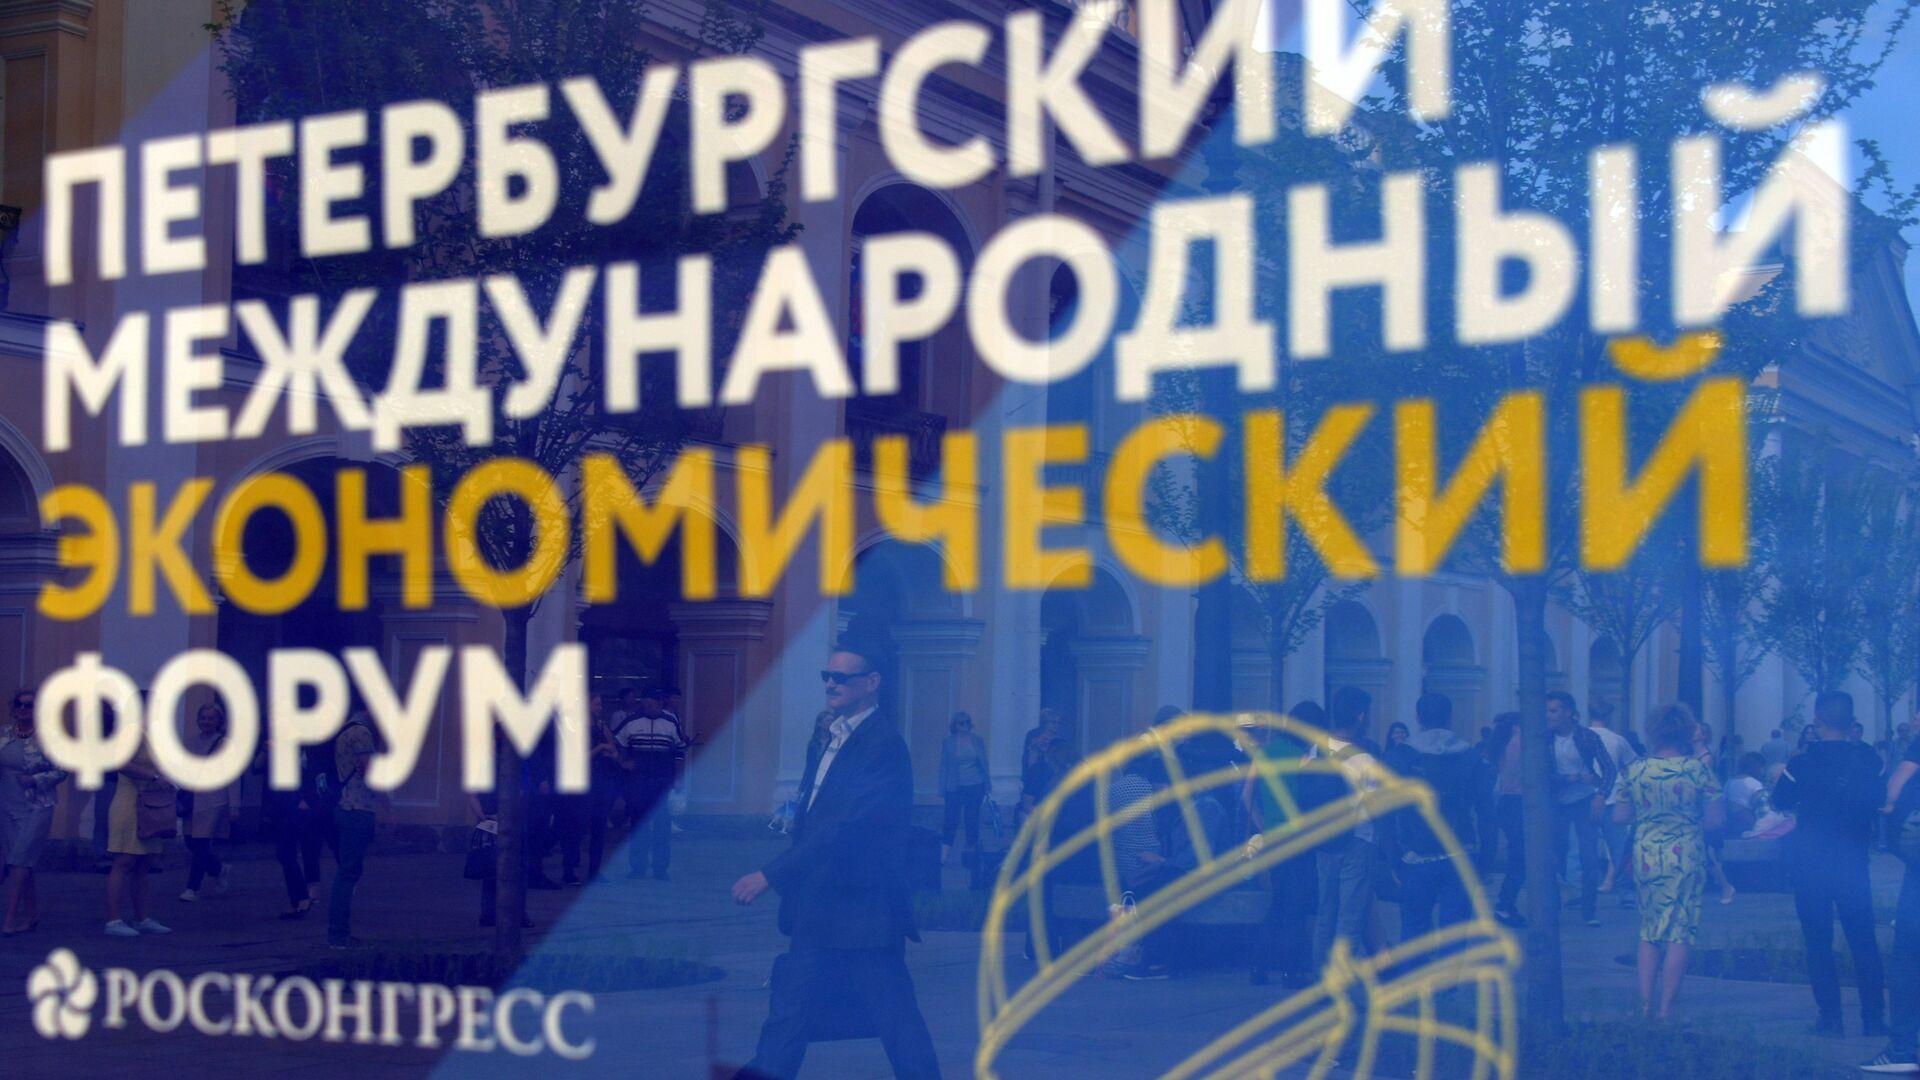 Петербургский международный экономический форум 2018 - РИА Новости, 1920, 03.03.2021